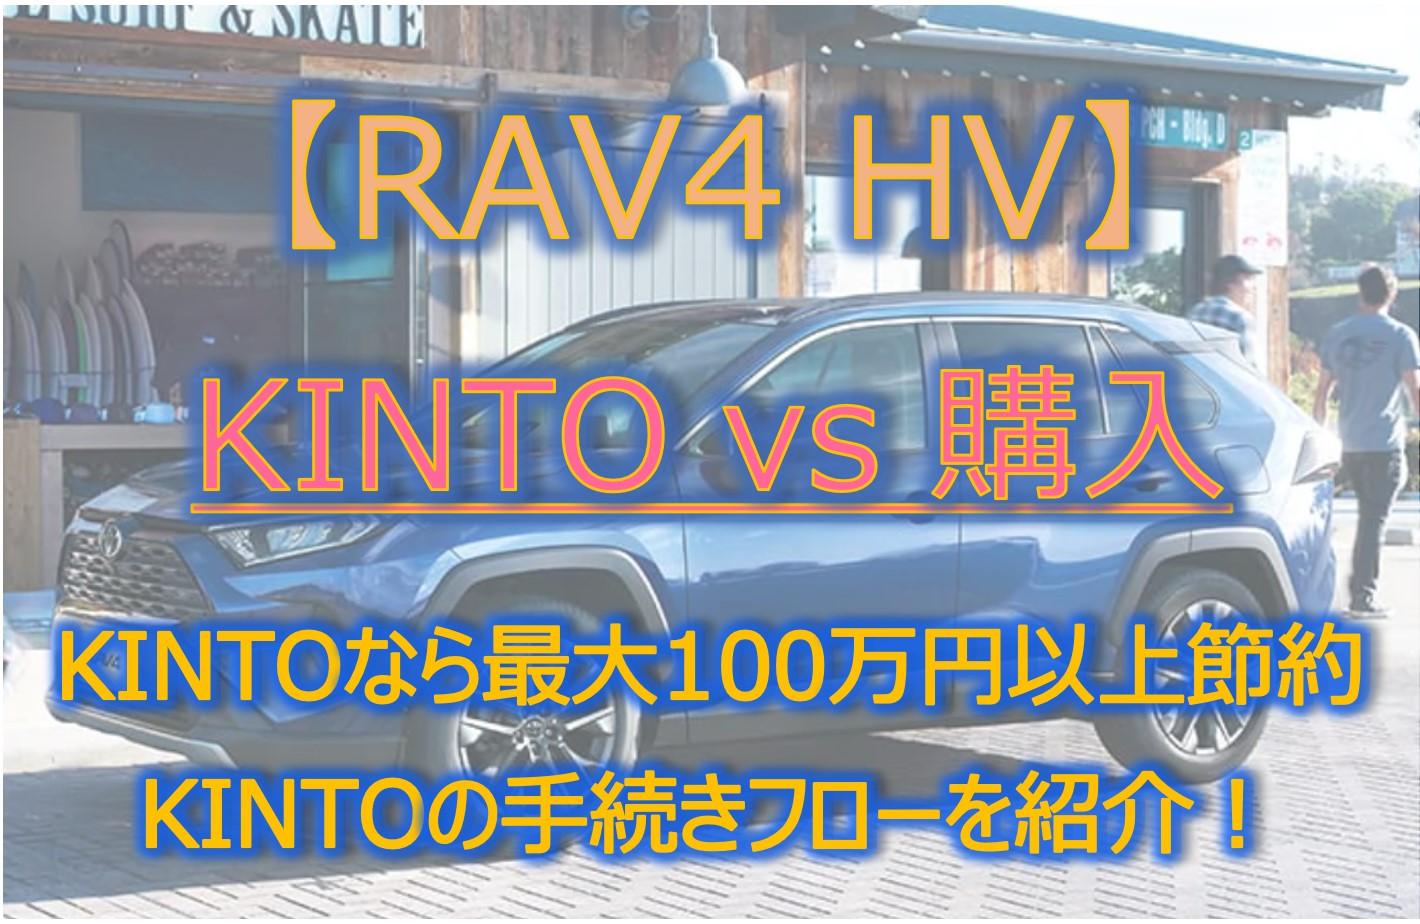 RAV4_HV_KINTO